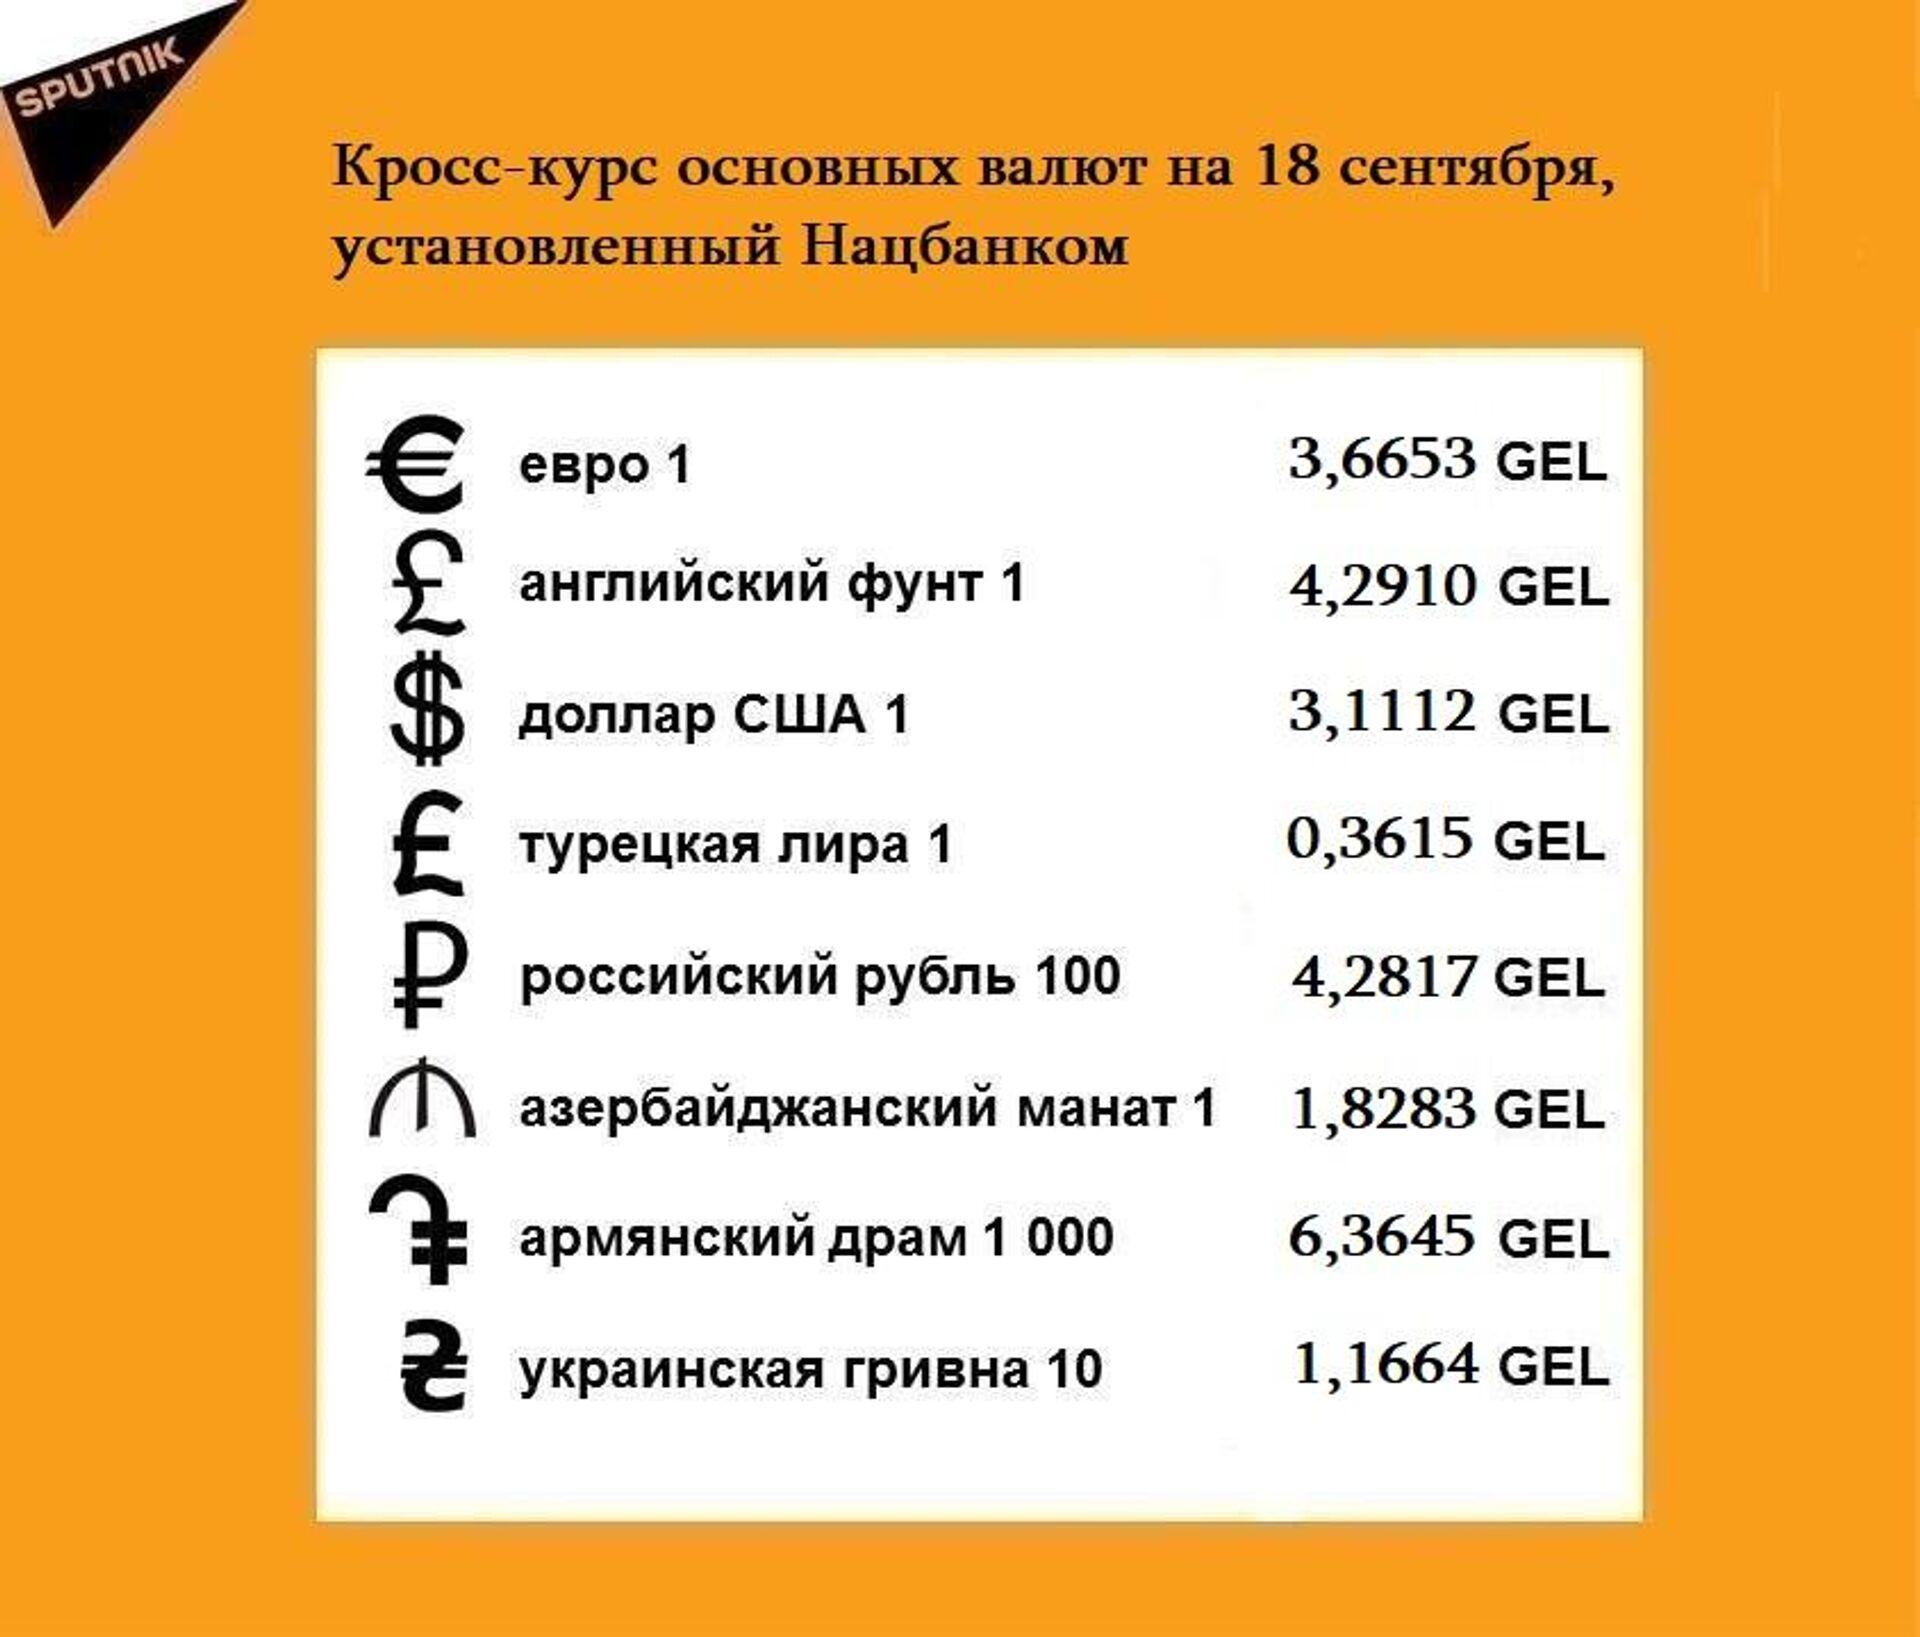 Кросс-курс основных валют на 18 сентября - Sputnik Грузия, 1920, 17.09.2021